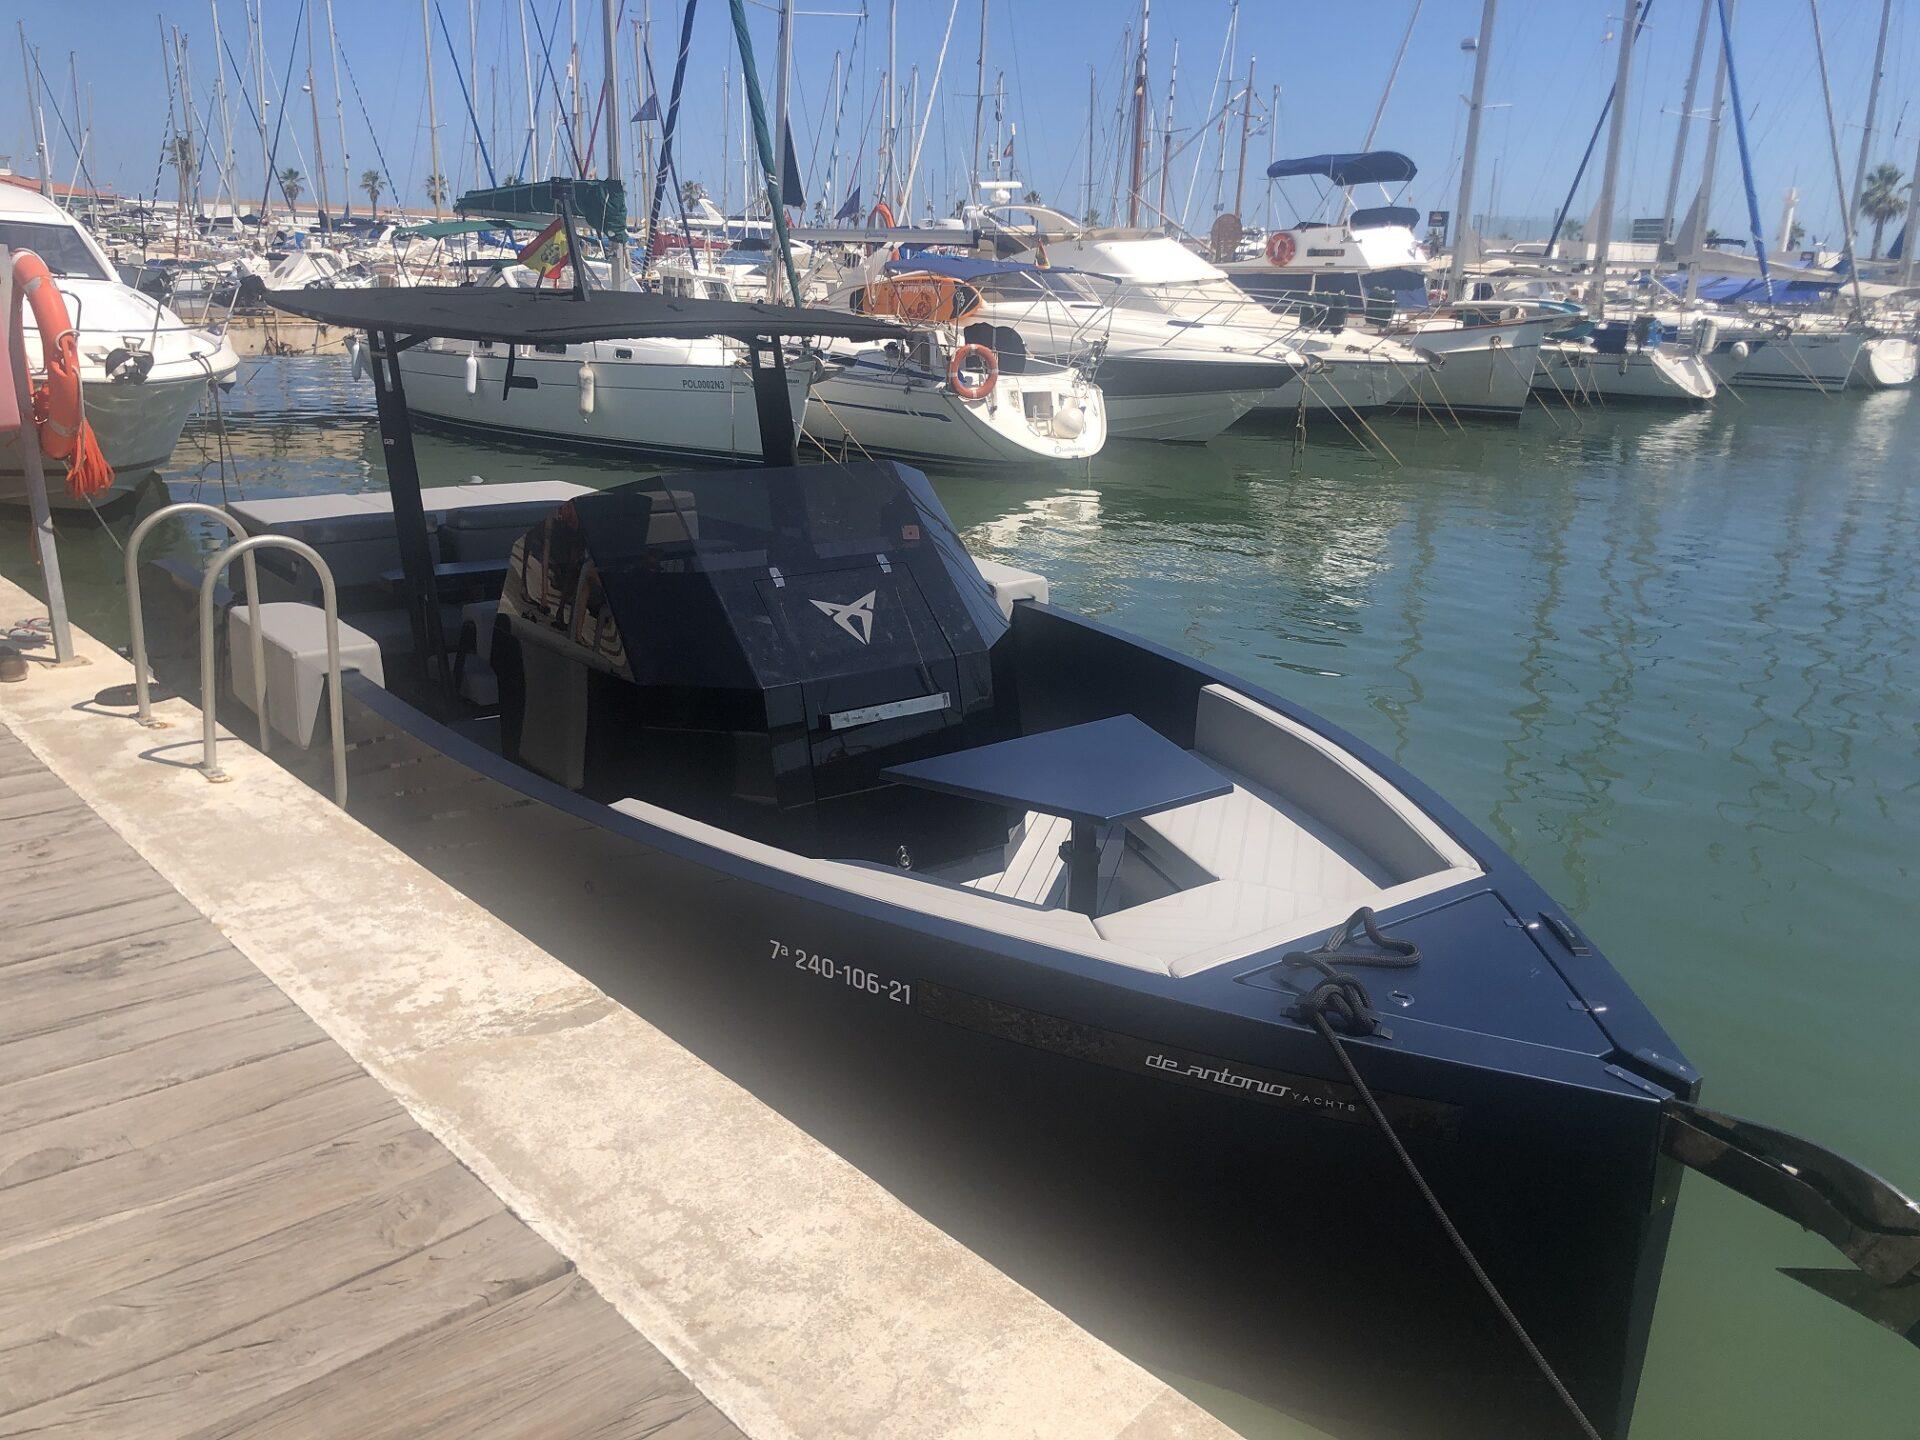 Εχει ανέβει ο υδράργυρος , ευκαιρία για βόλτα με το Cupra Formentor D28